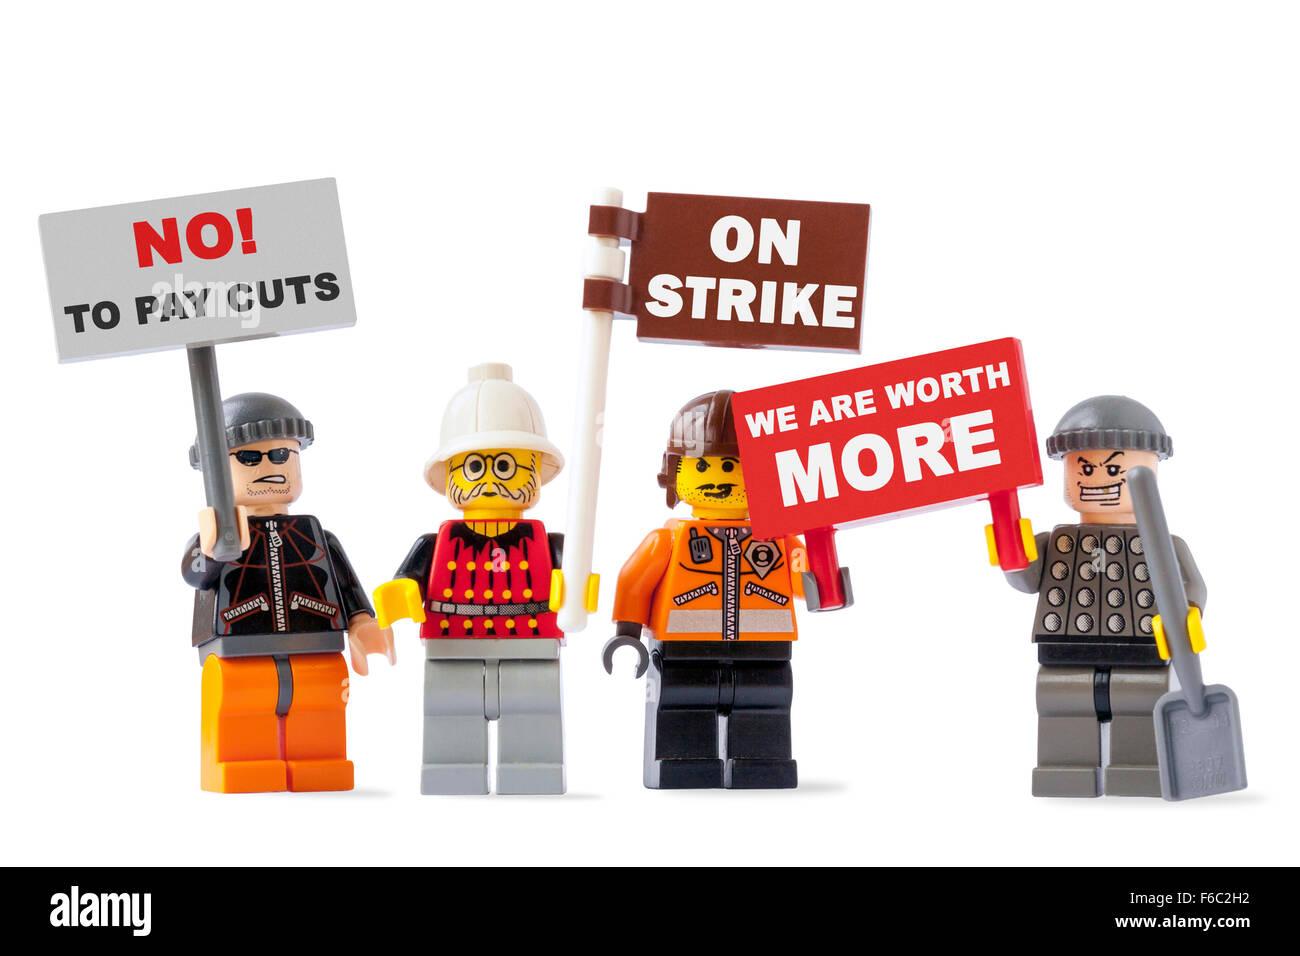 Los trabajadores en huelga concepto con cuatro estatuillas de juguete aislado sobre fondo blanco y sosteniendo carteles Imagen De Stock